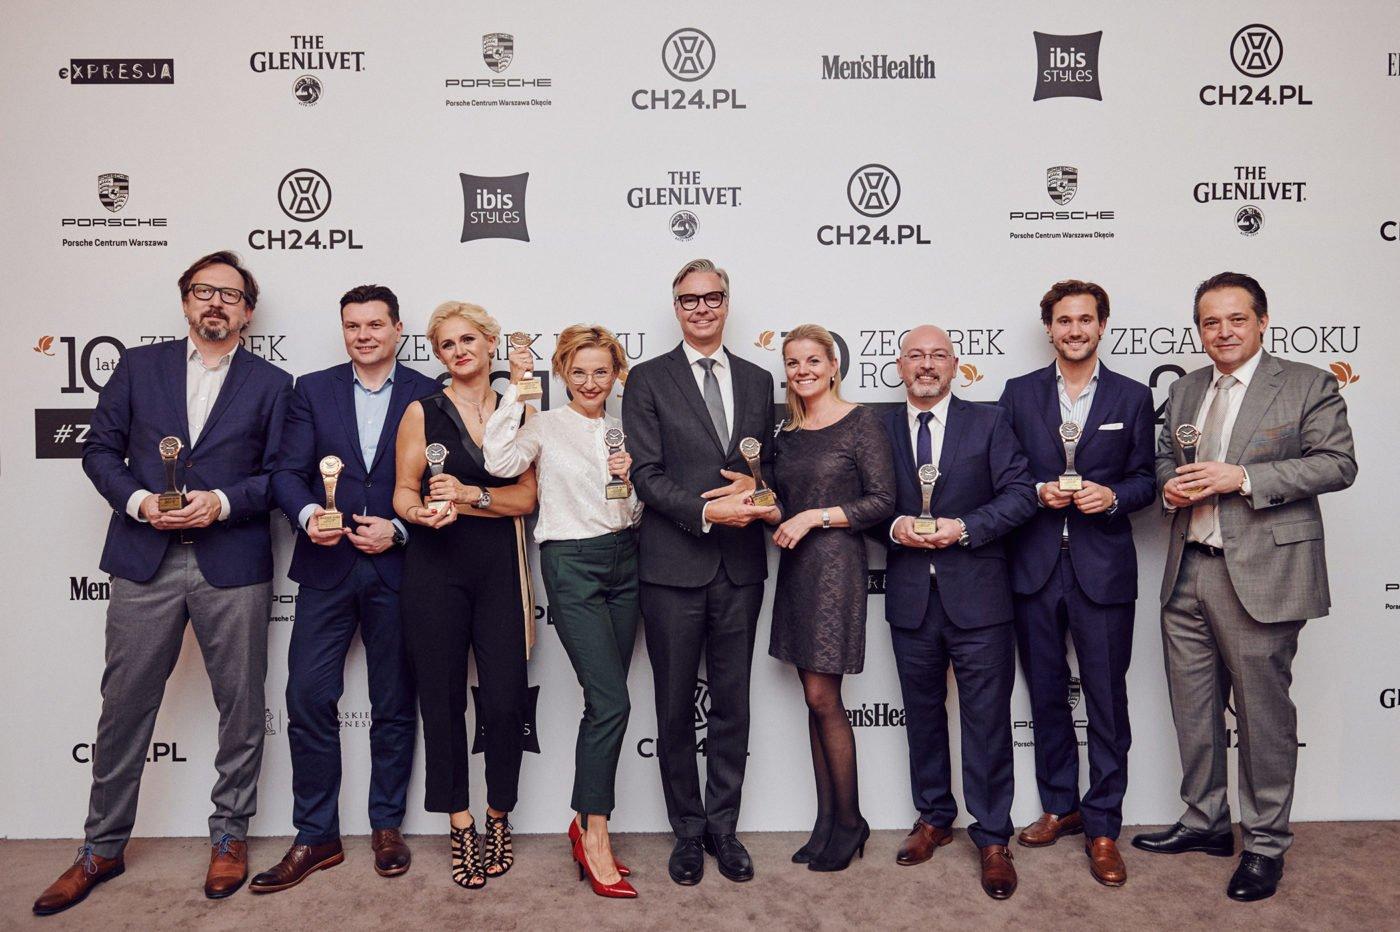 Zegarek Roku 2019 - zwycięzcy 10. edycji